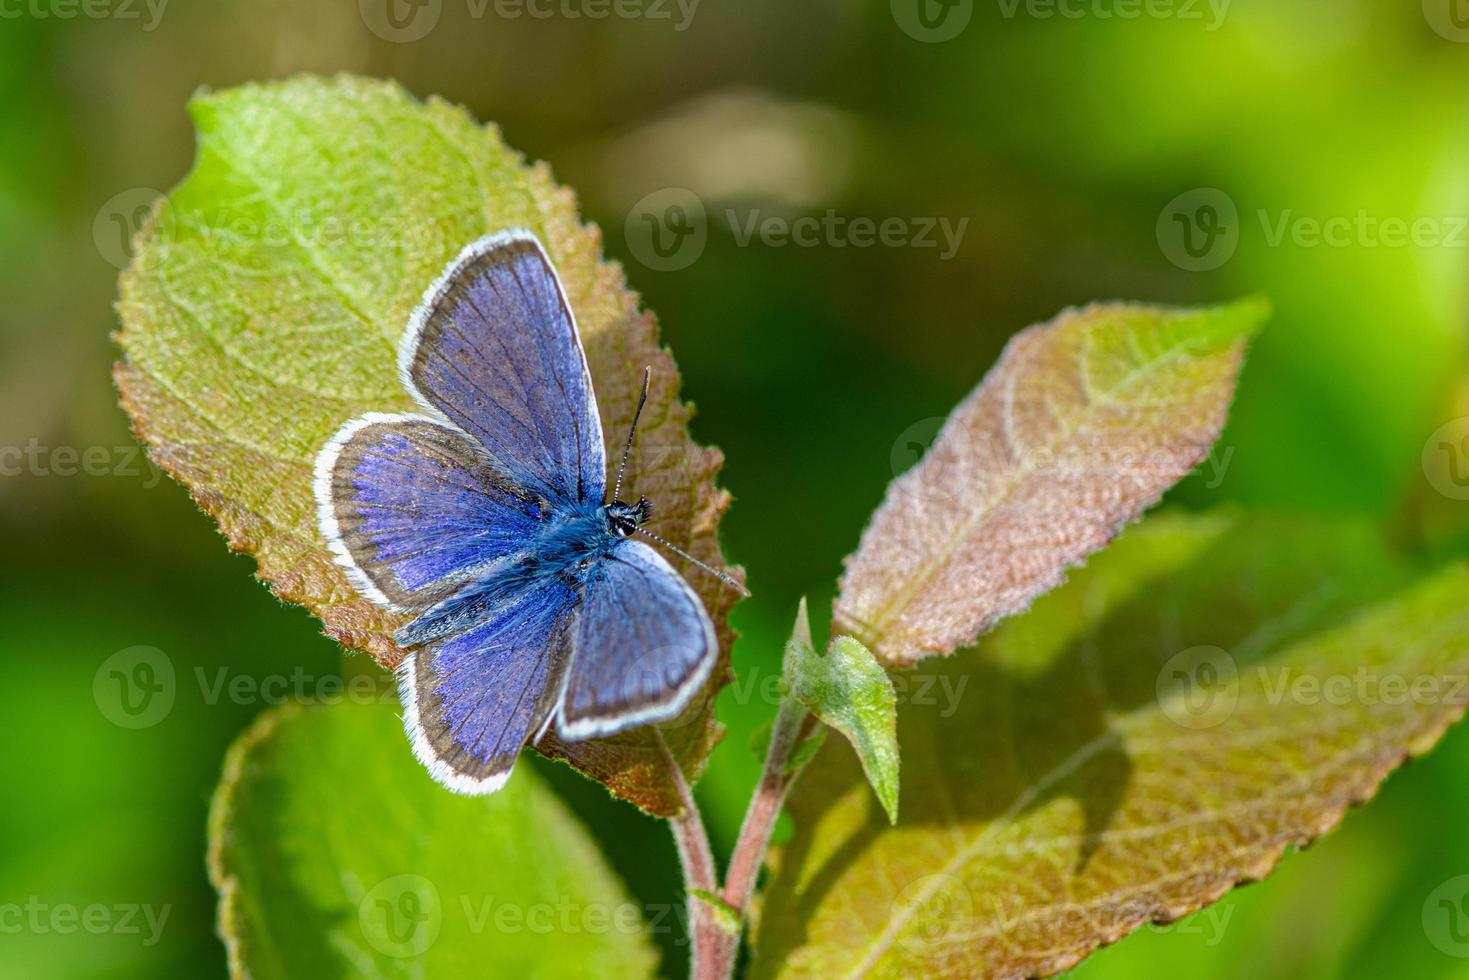 primer plano, de, un, ala azul, mariposa, en, un, hoja verde foto